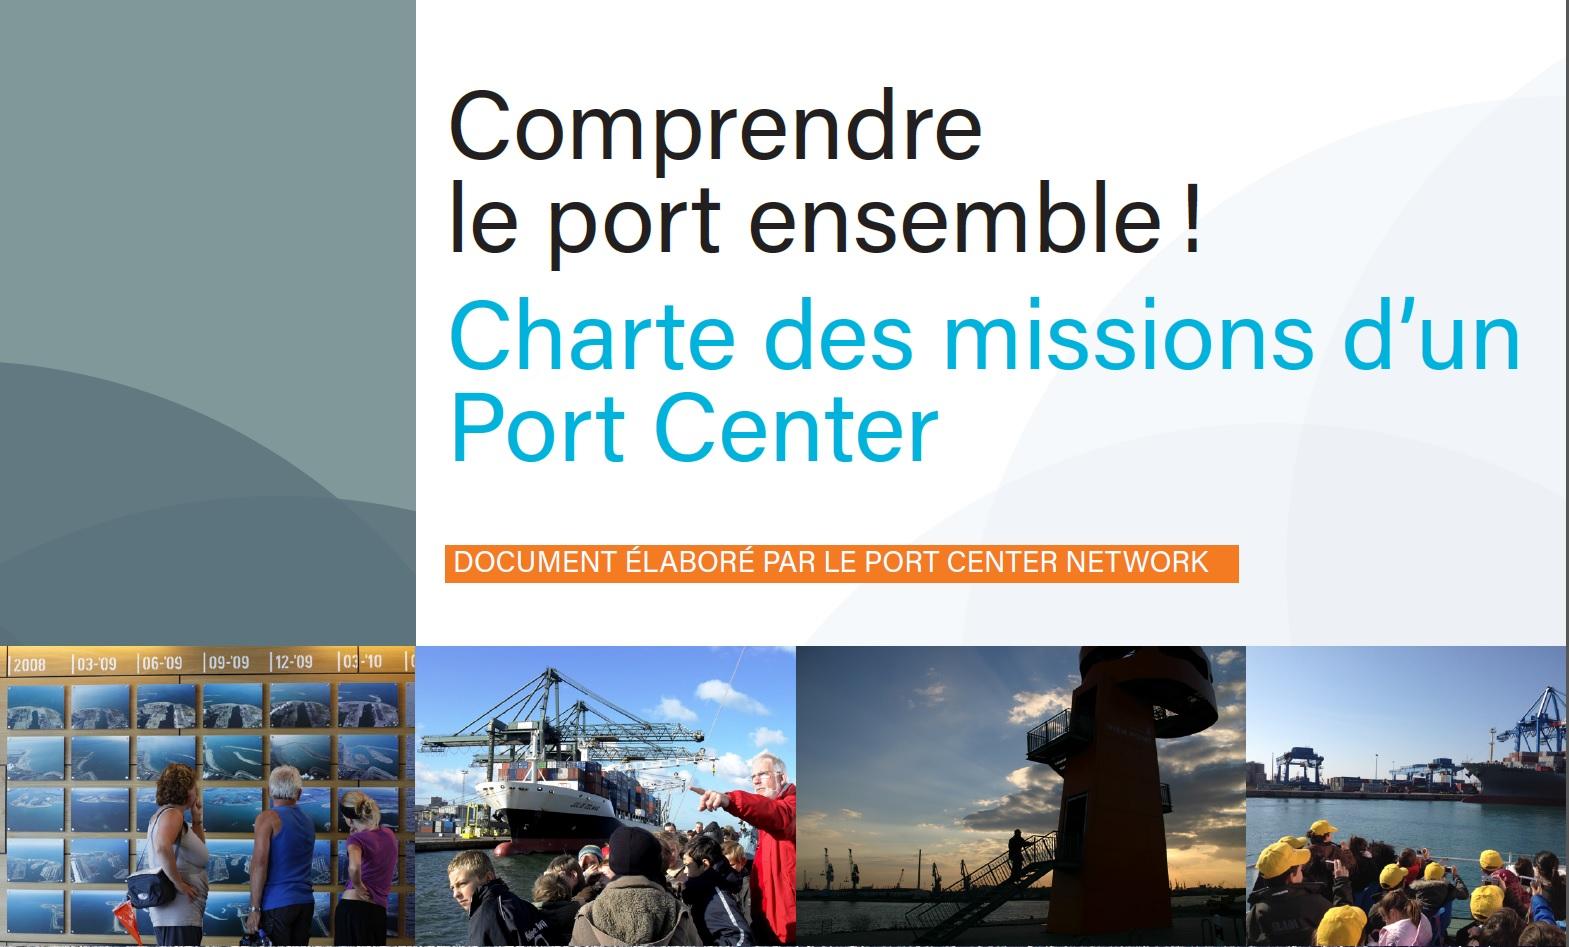 Charte des missions d'un Port Center